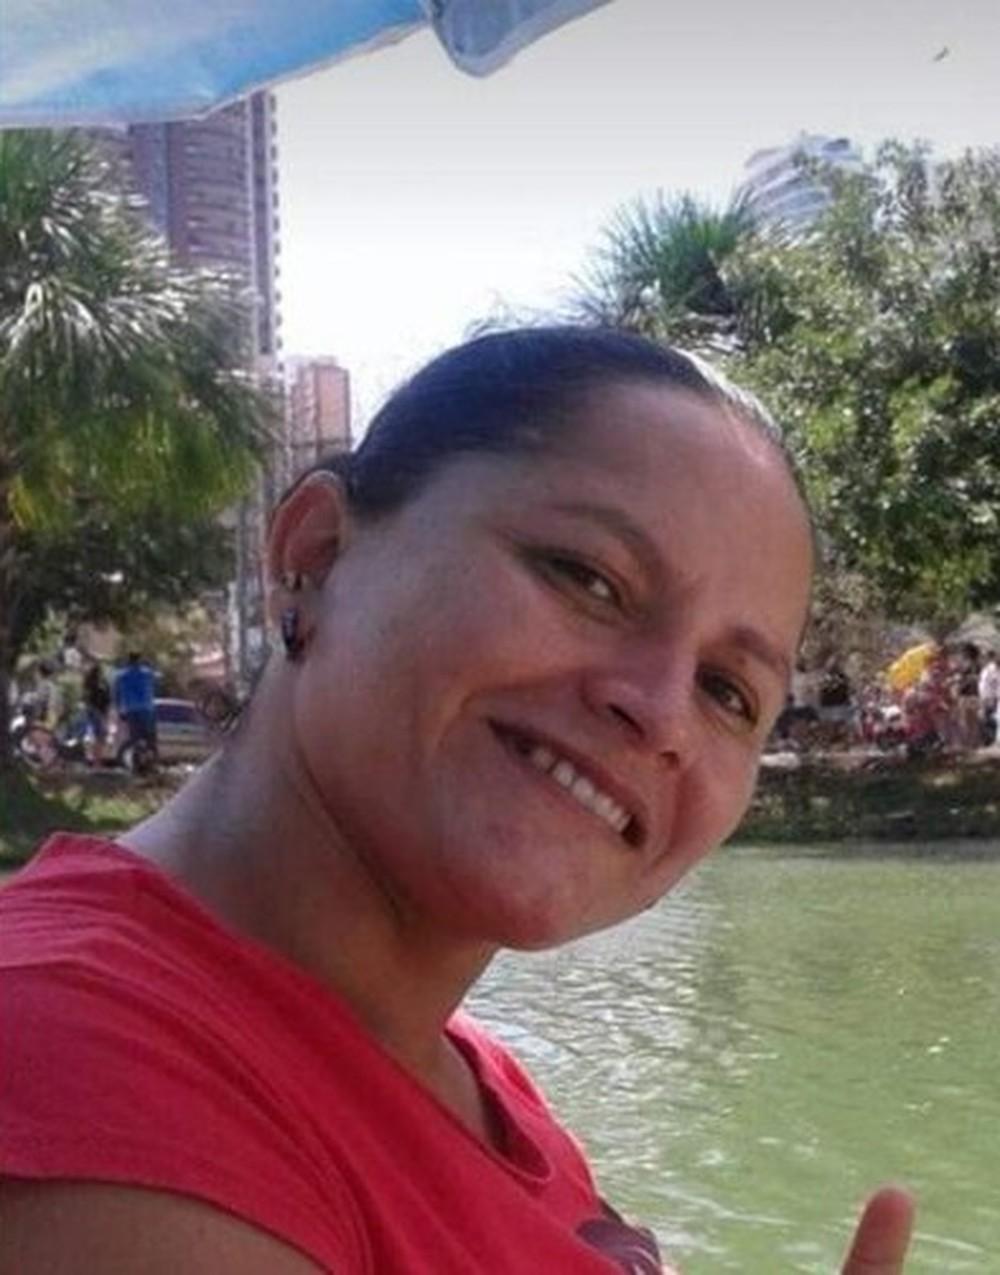 Suspeito de feminicídio é preso pela Polícia Civil, no nordeste do Pará